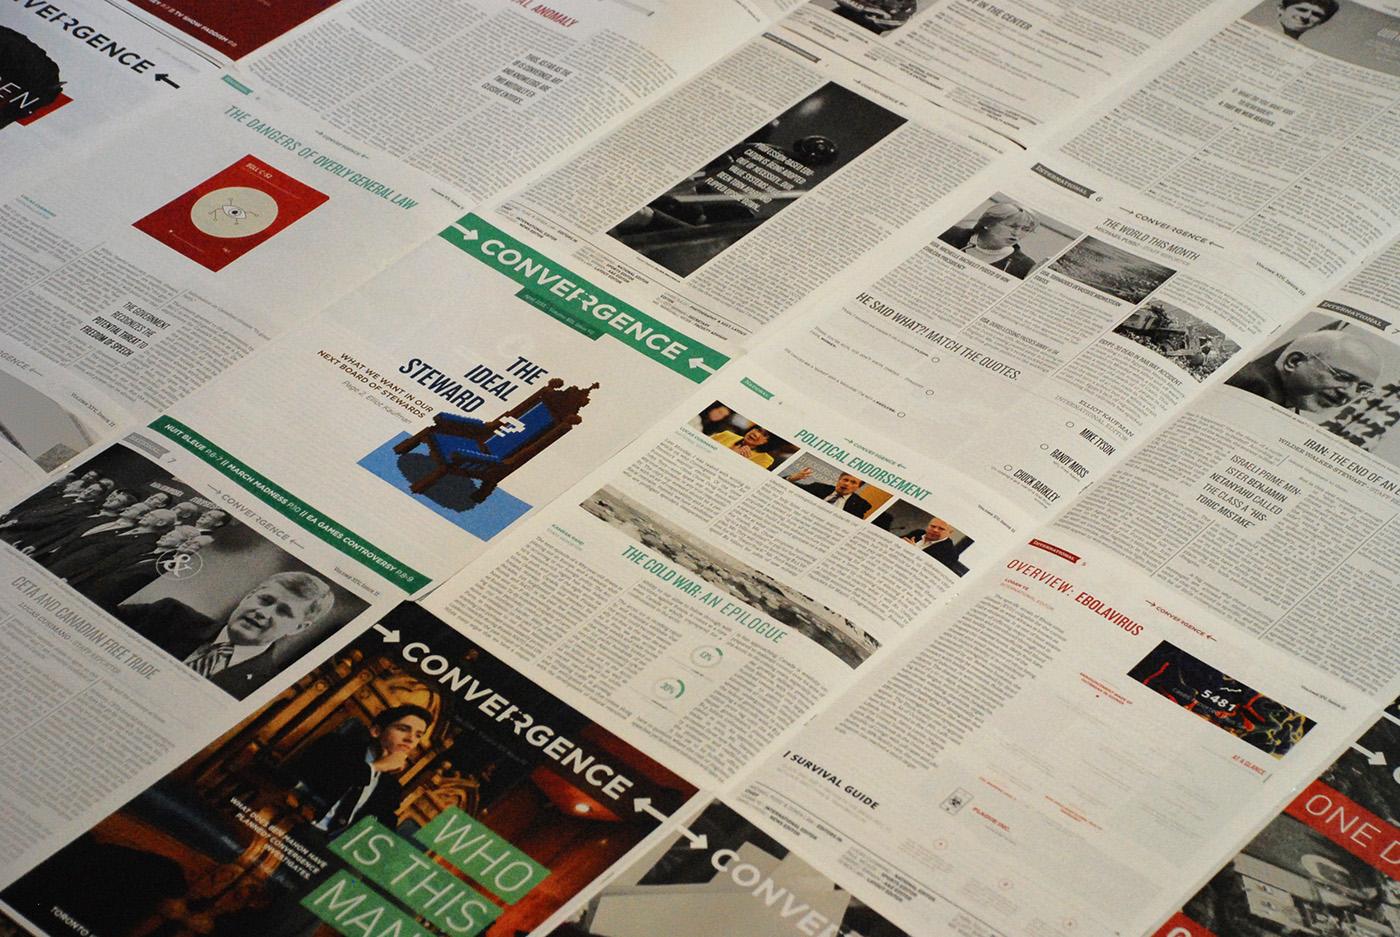 newspaper-design layout